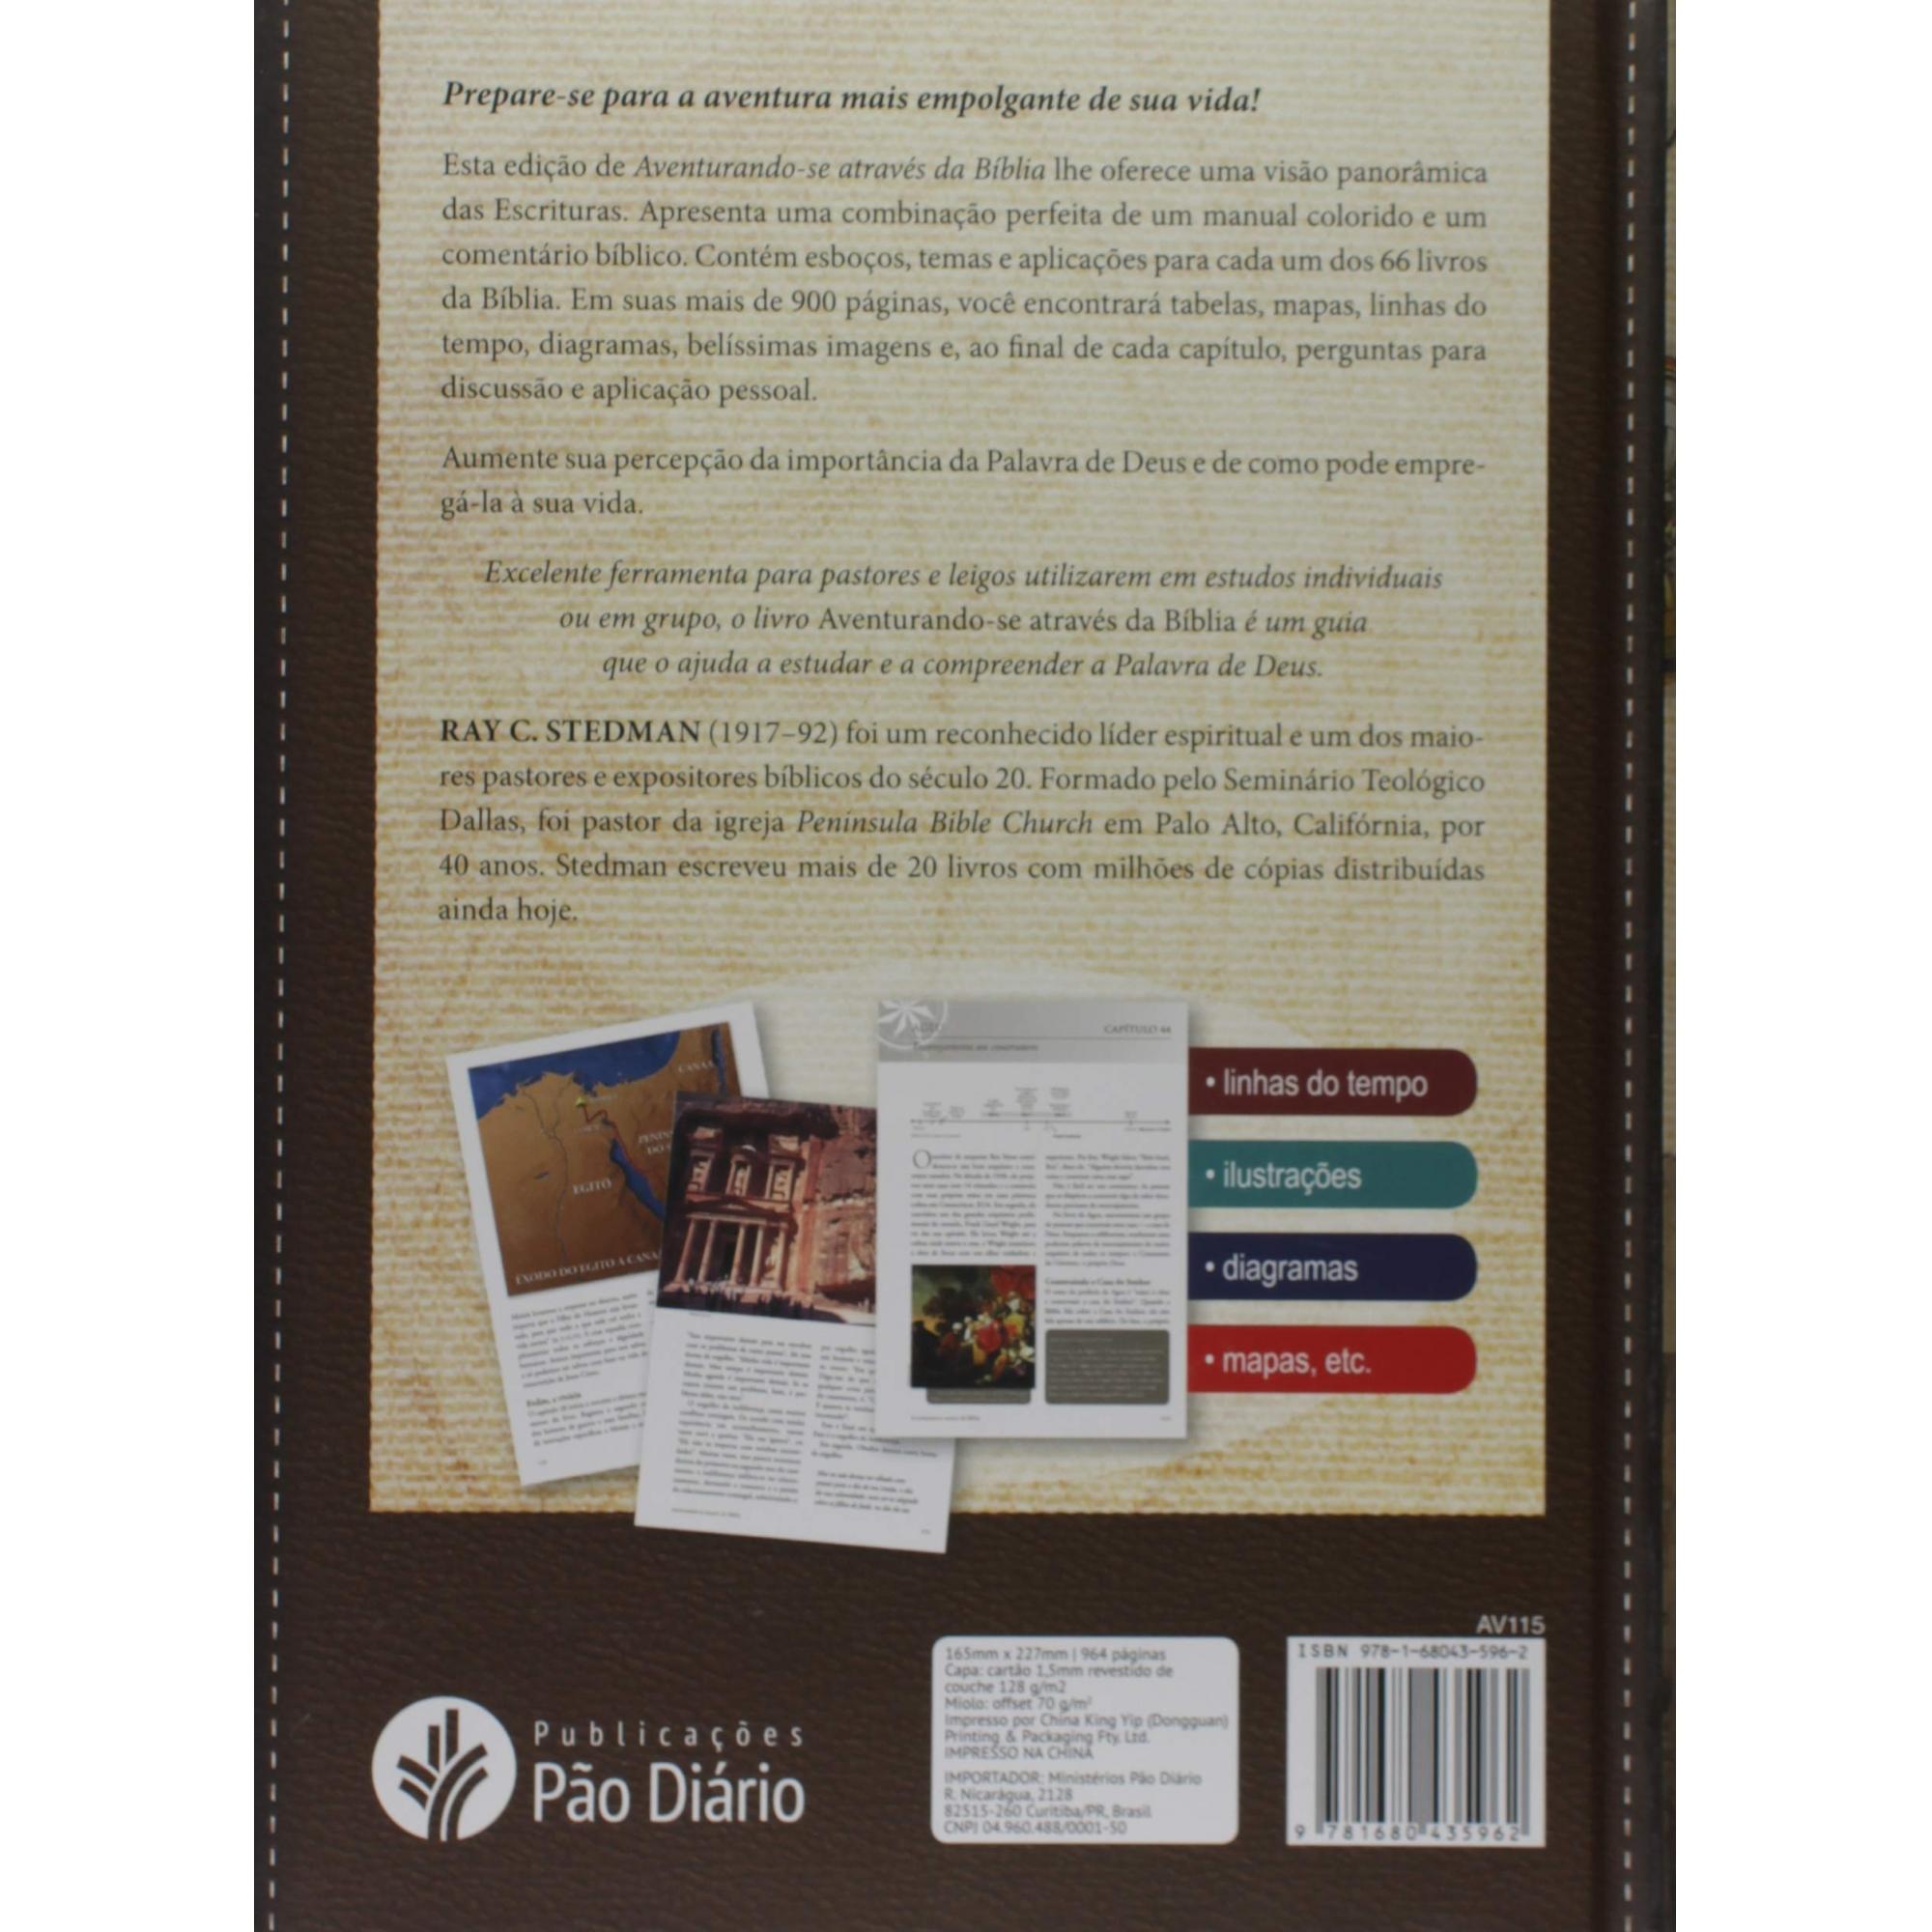 Manual Bíblico Ilustrado - Aventurando-se através da Bíblia: de Gênesis a Apocalipse  - Universo Bíblico Rs